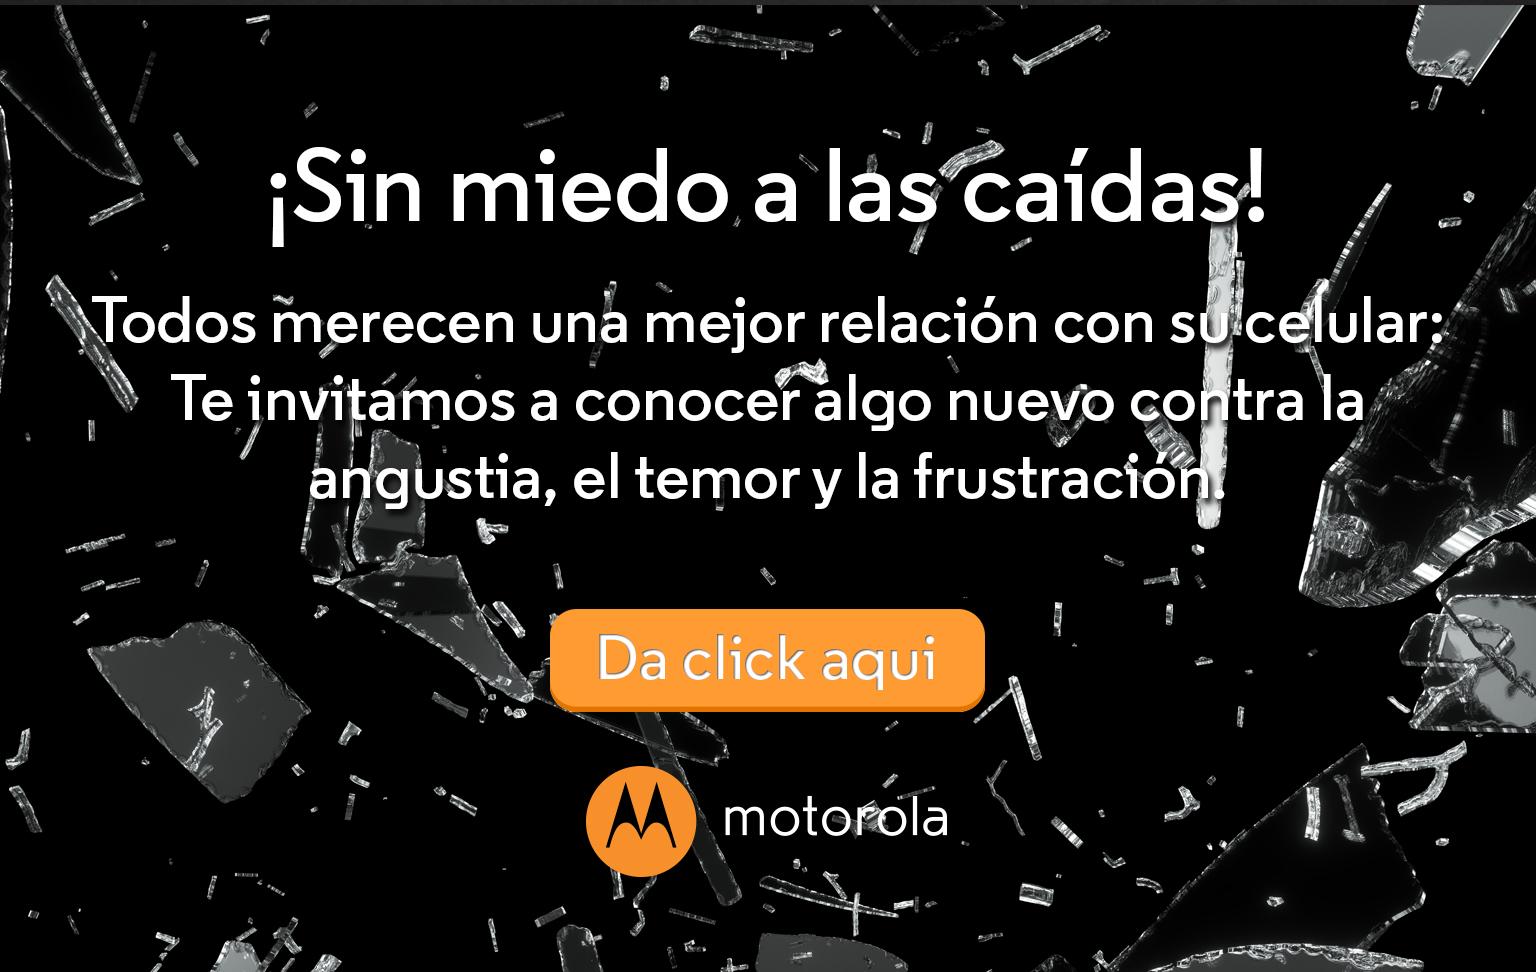 #sinmiedoalascaidas-moto-x-force-mexico